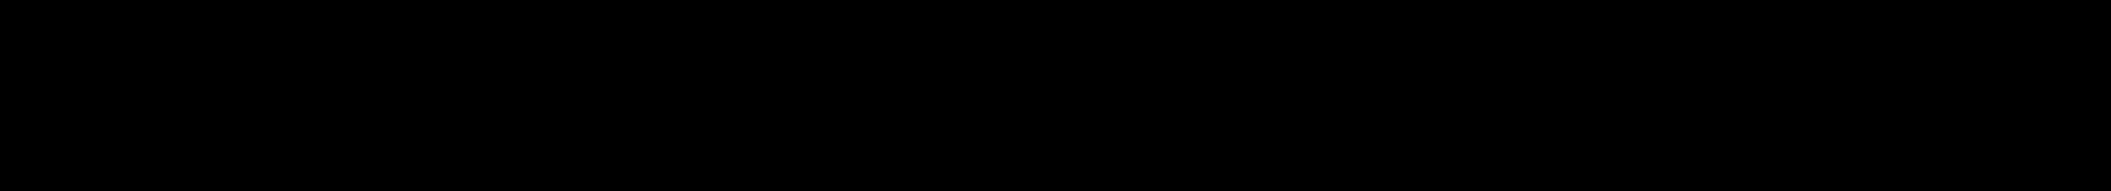 Walburn Text Light Italic